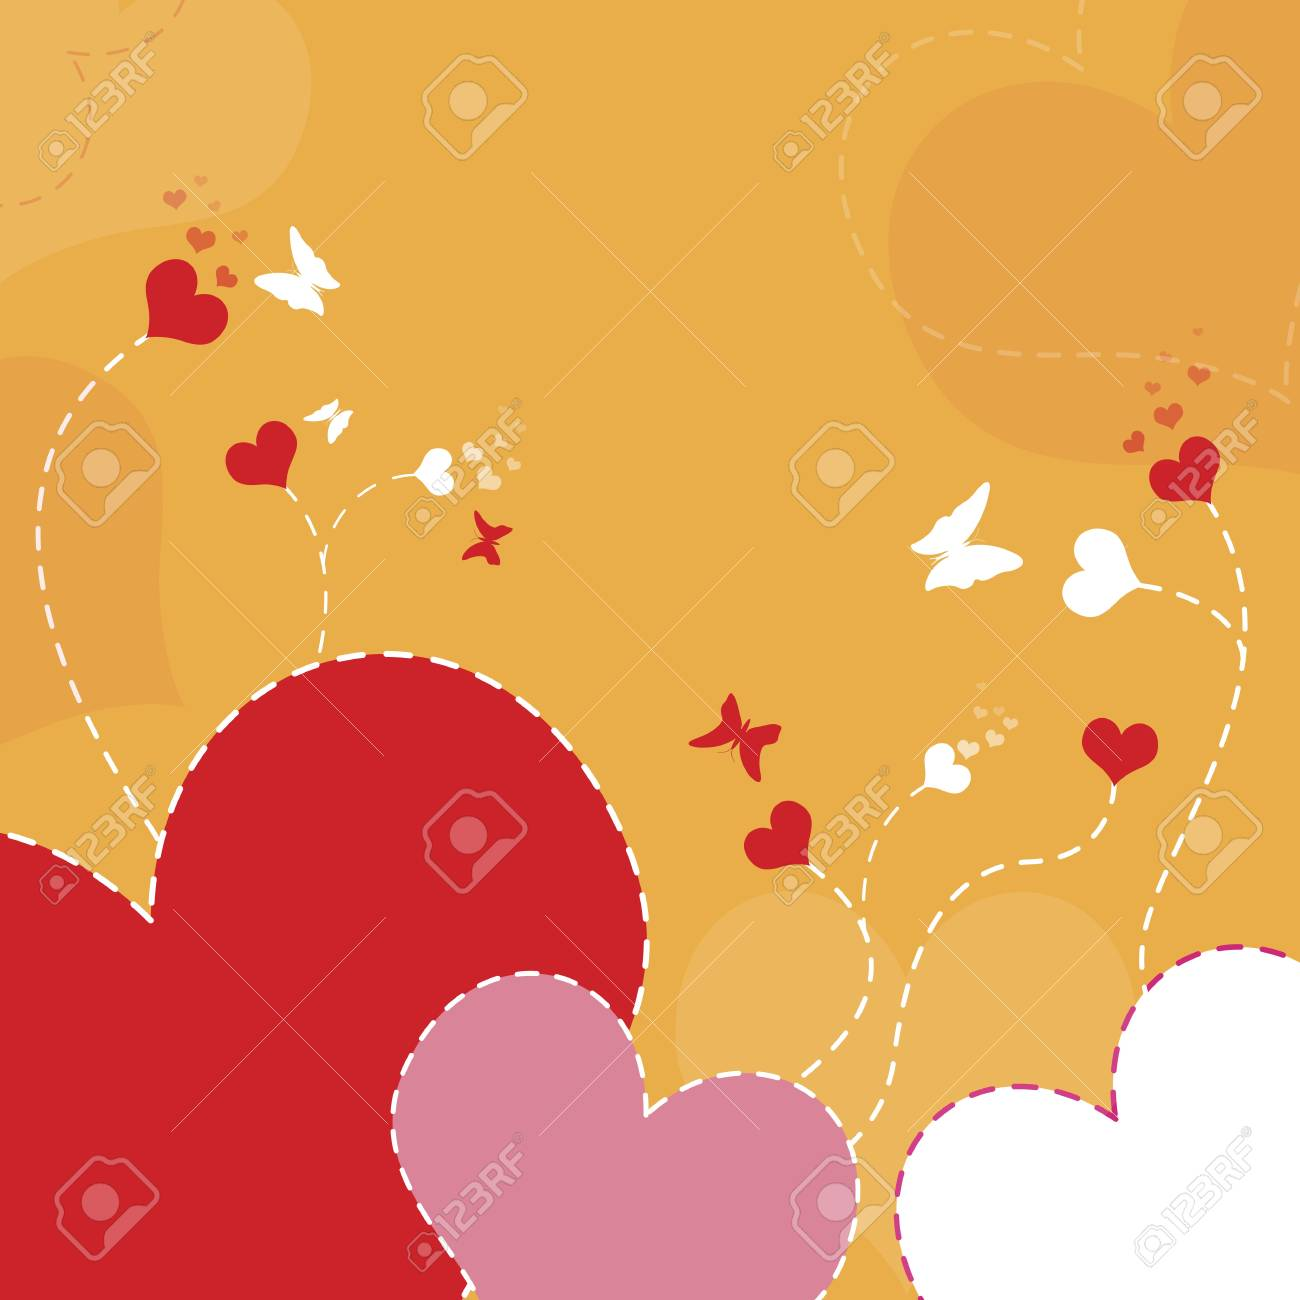 heart flower background Stock Vector - 12872395